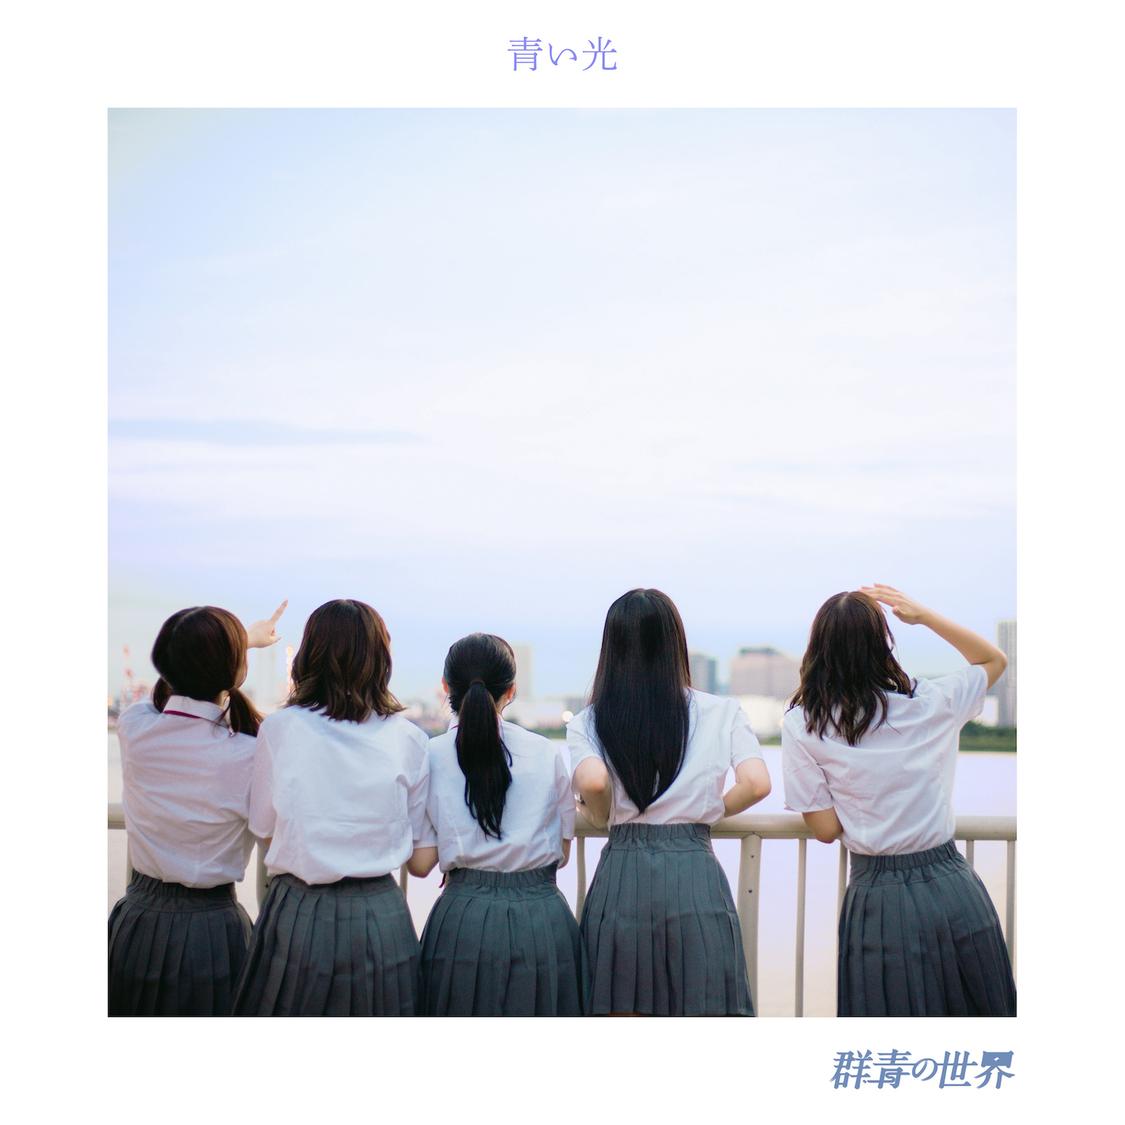 群青の世界、夏を感じさせる爽やかな新曲  「青い光」配信リリース+MV公開!